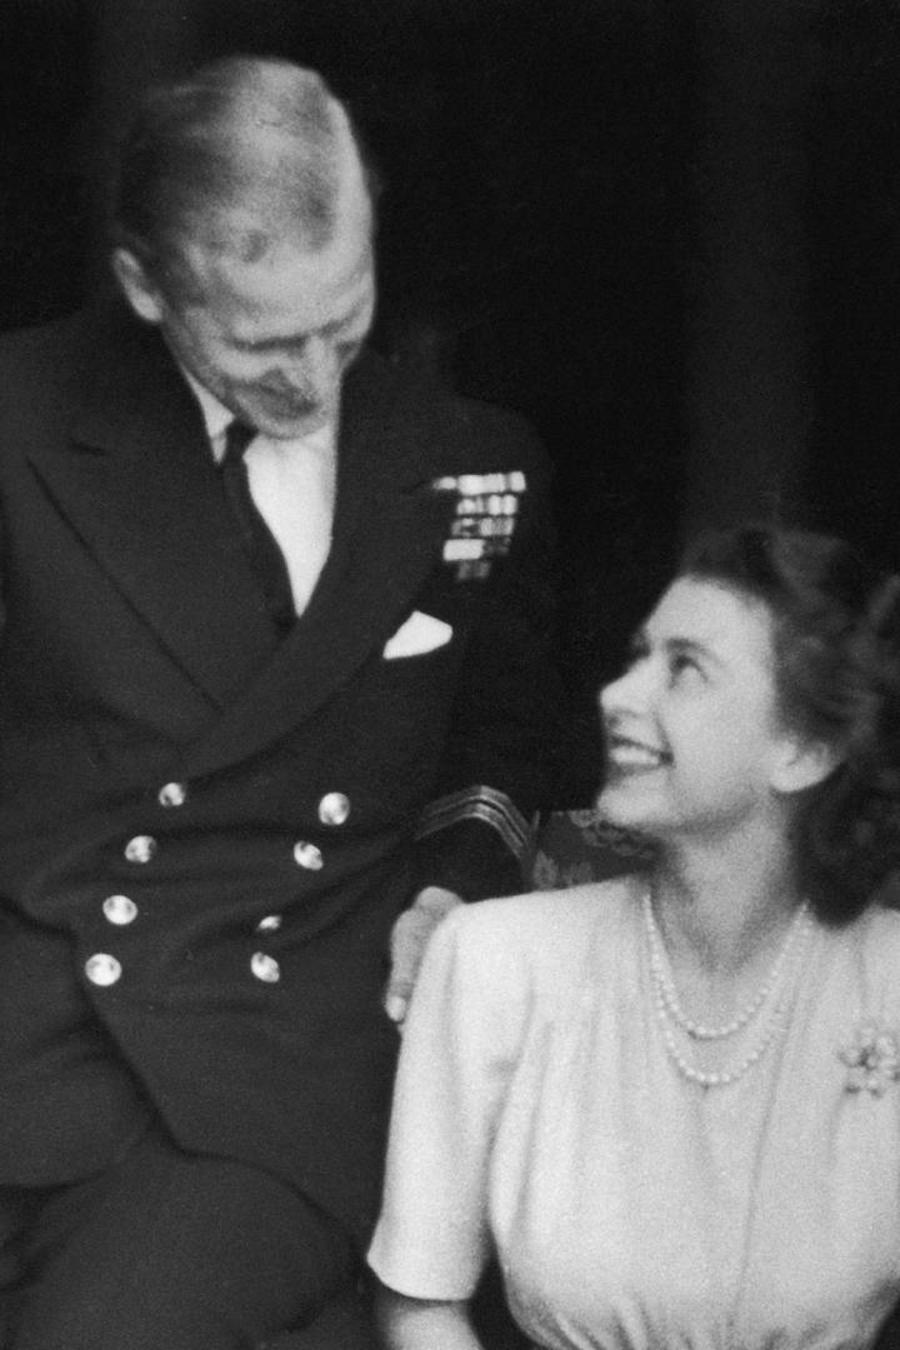 La reina Elizabeth II y el príncipe Philip